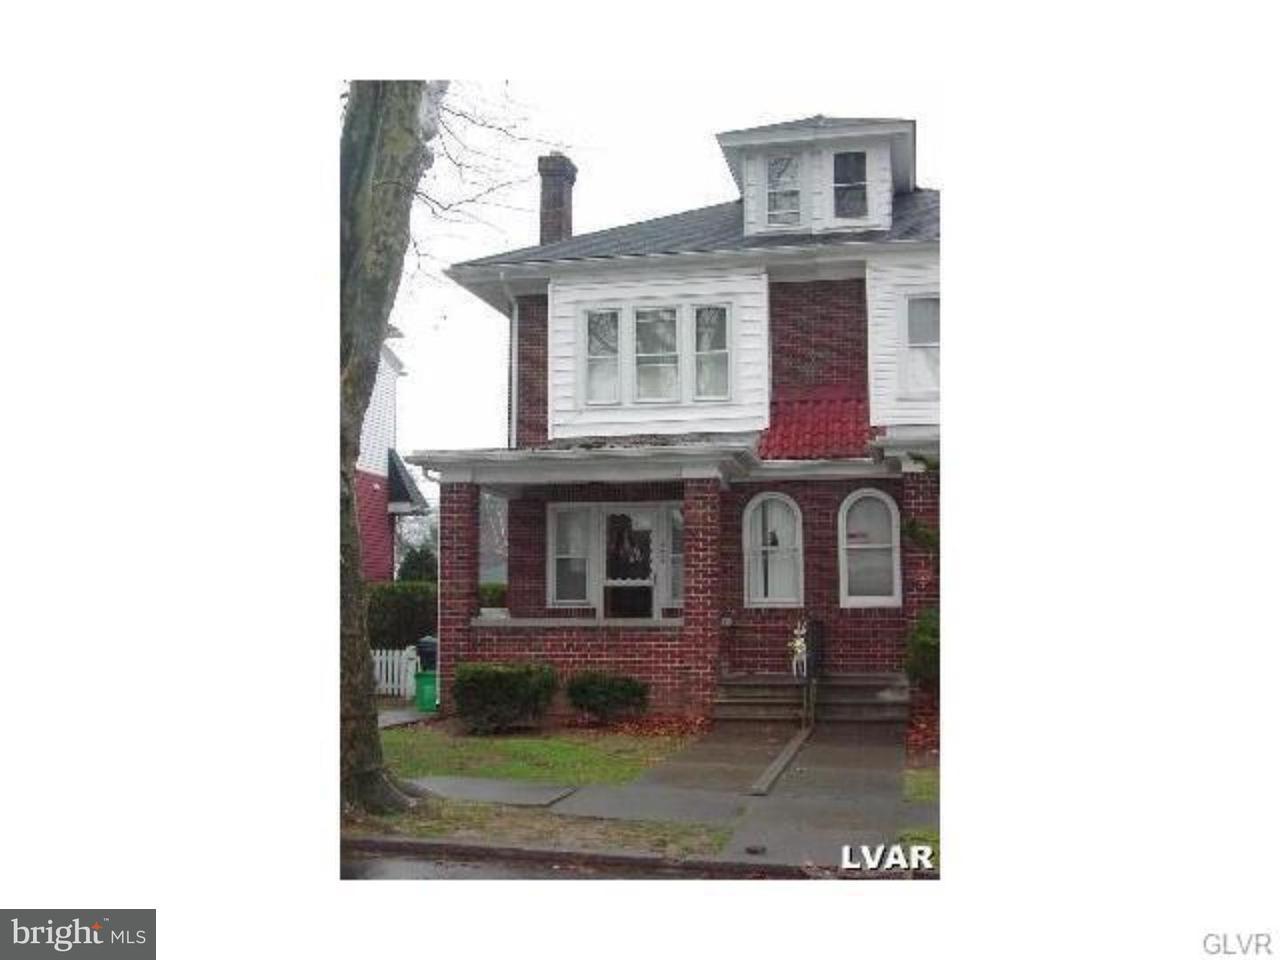 Casa unifamiliar adosada (Townhouse) por un Venta en 526 N 25TH Street Allentown, Pennsylvania 18104 Estados Unidos